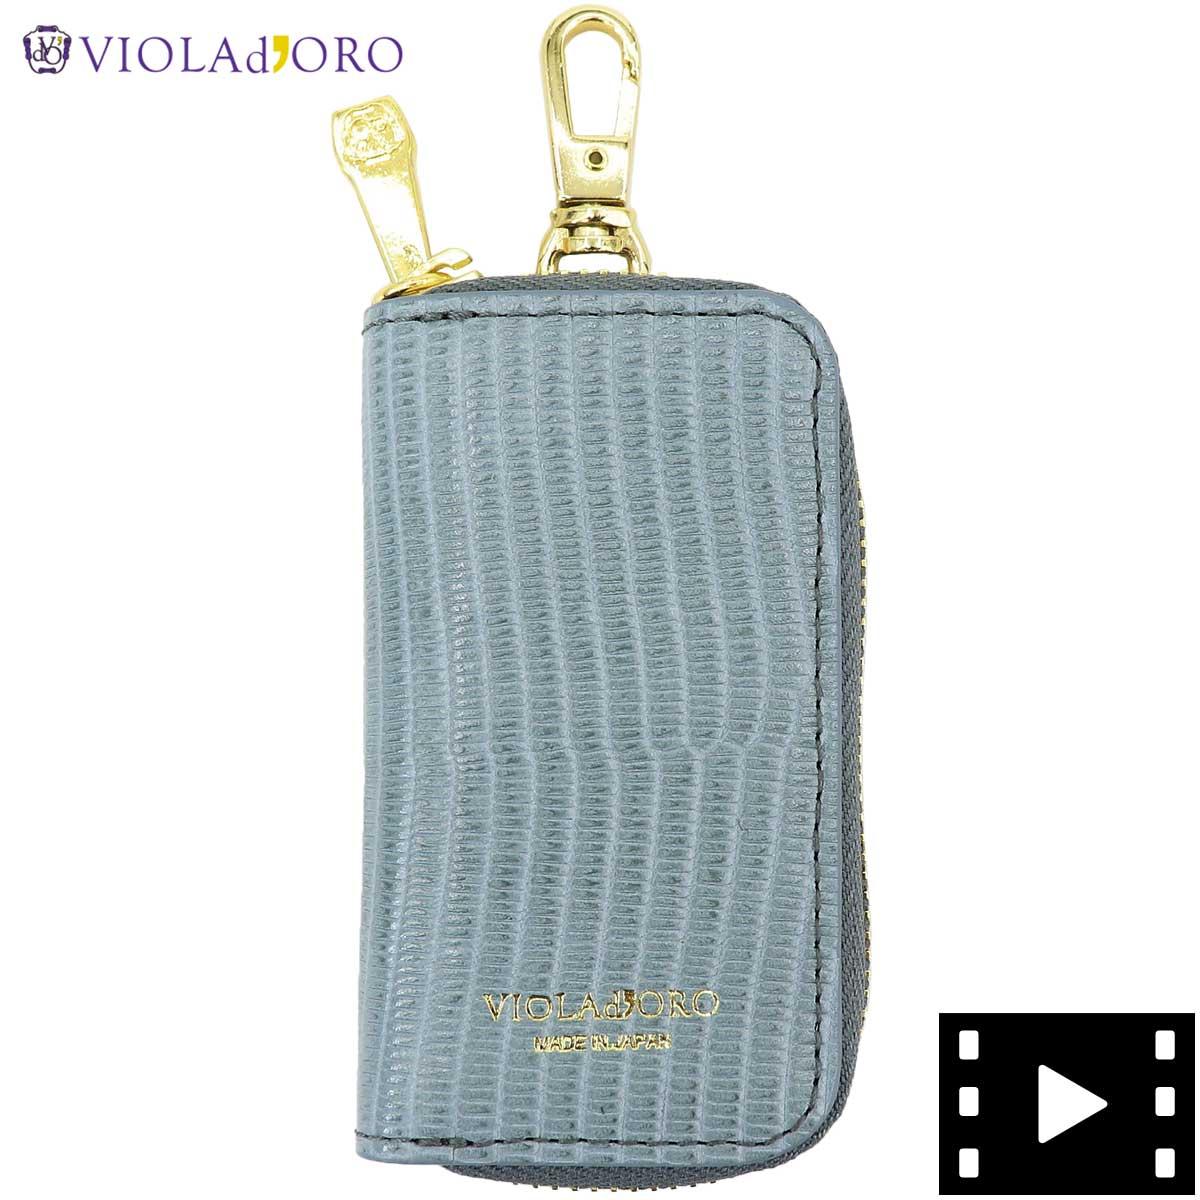 ヴィオラドーロ VIOLAd'ORO レディース リザード型押しレザー ラウンドジップ スマートキーケース V-1383 VLD BLUE GRAY(ブルーグレー)秋冬新作